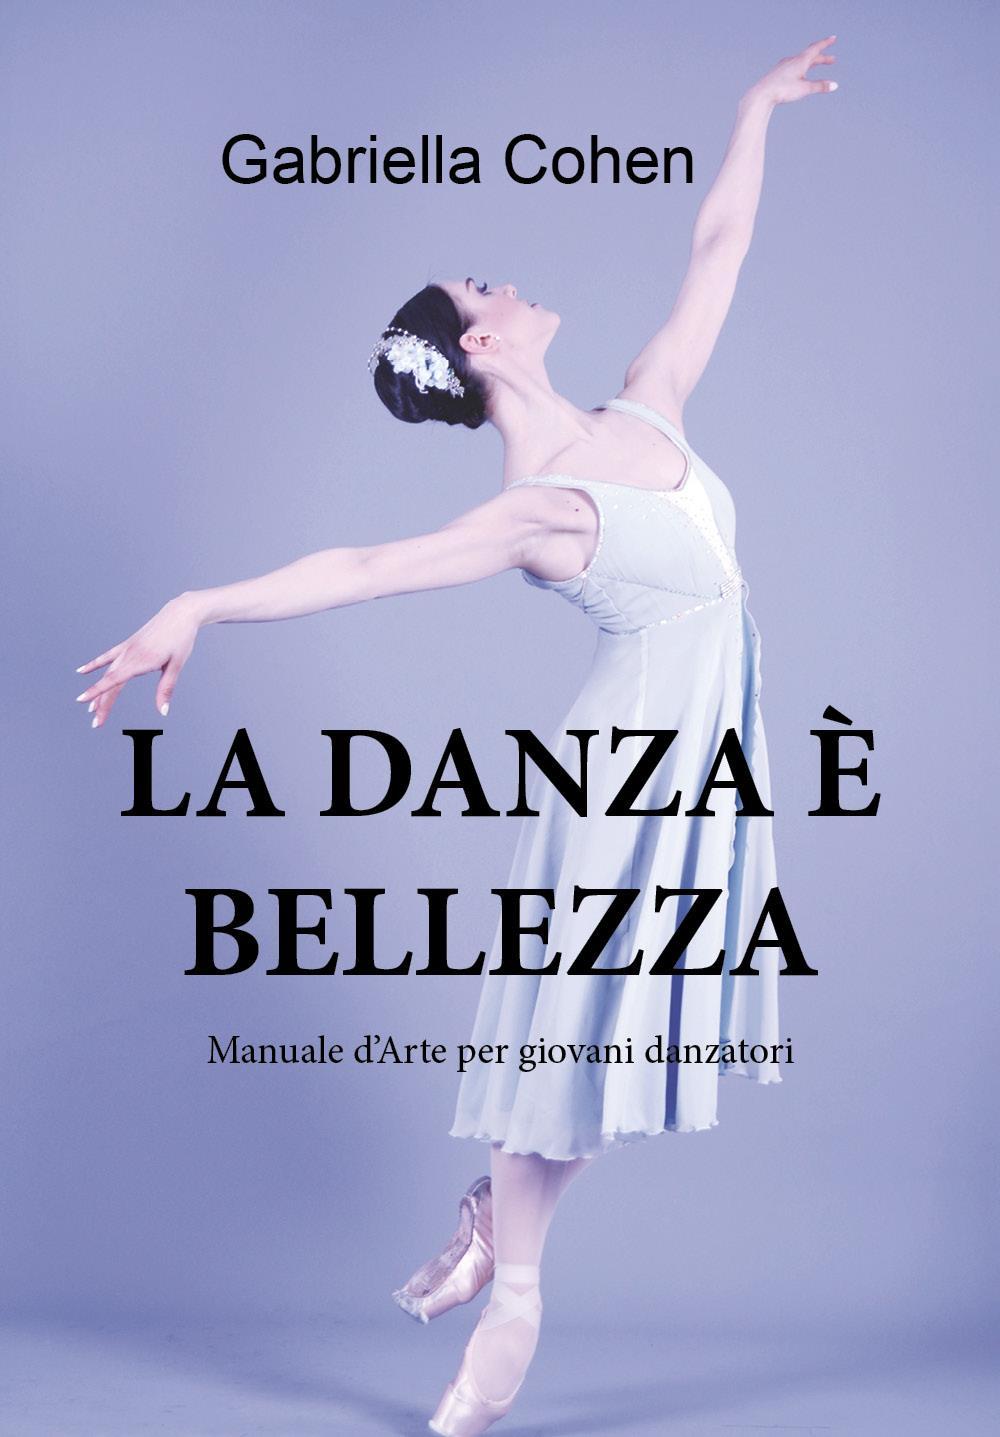 La danza è bellezza - Manuale d'arte per giovani danzatori